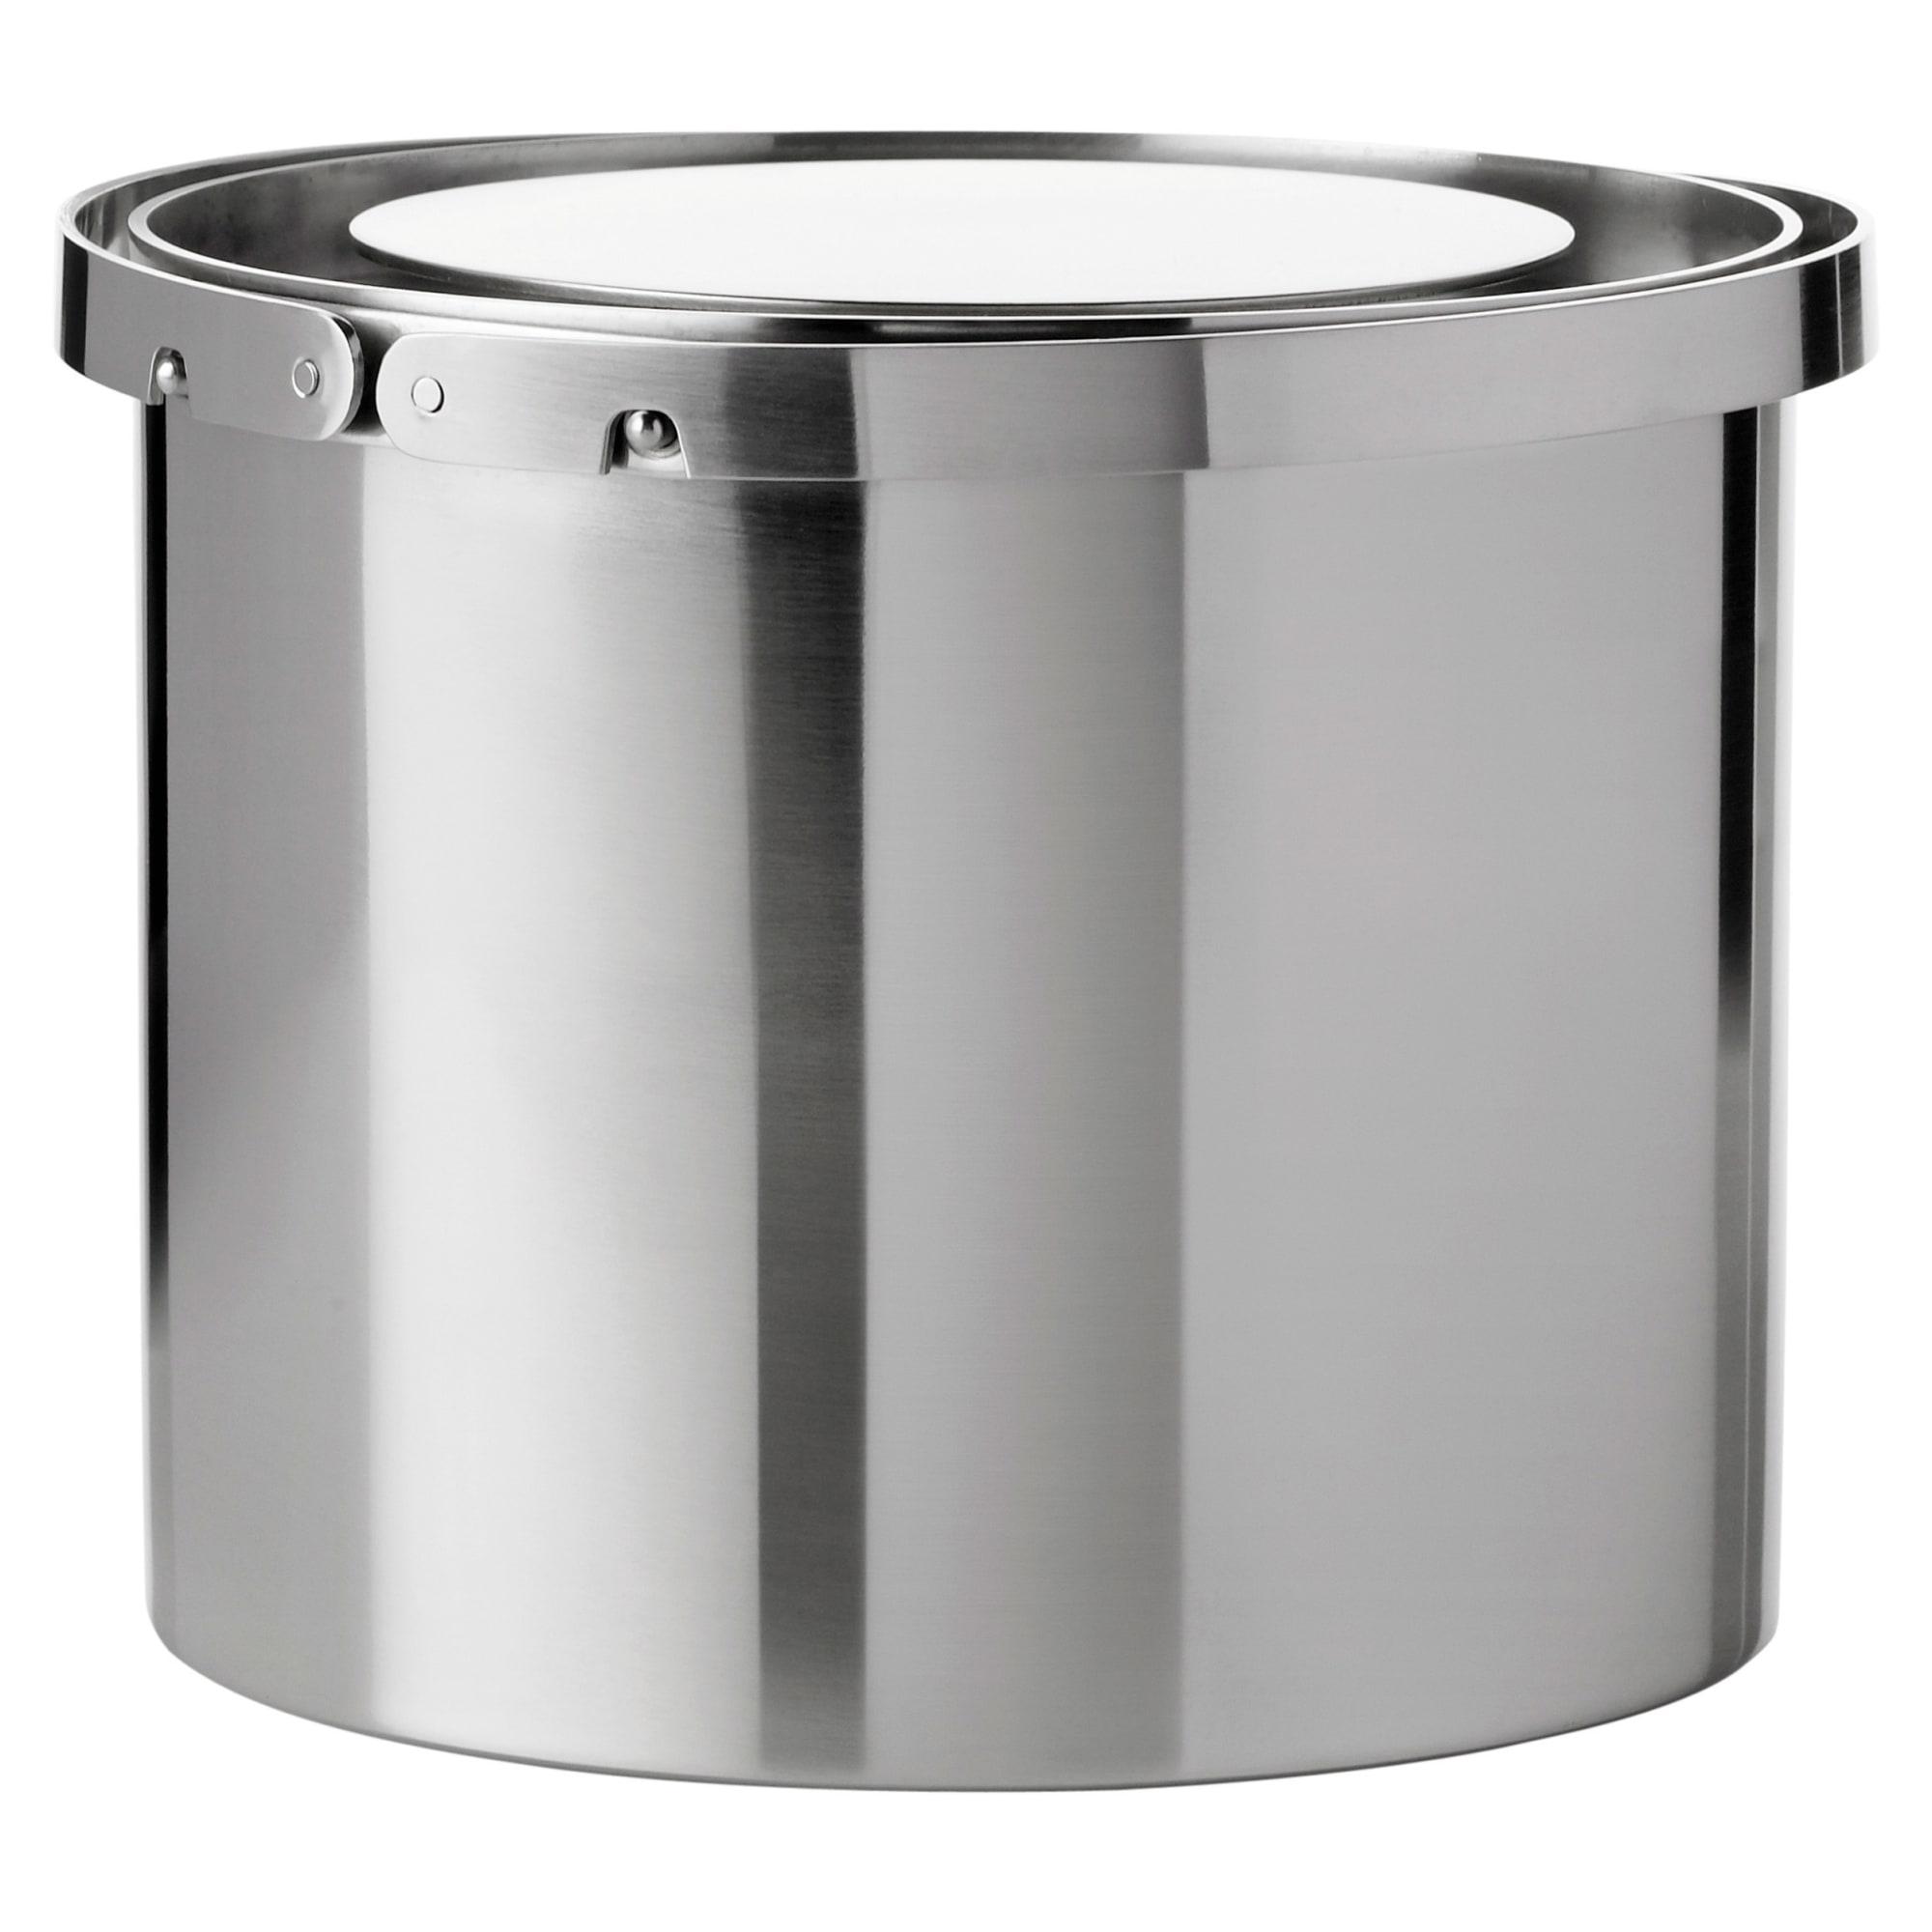 1 liter - Designet af Arne Jacobsen